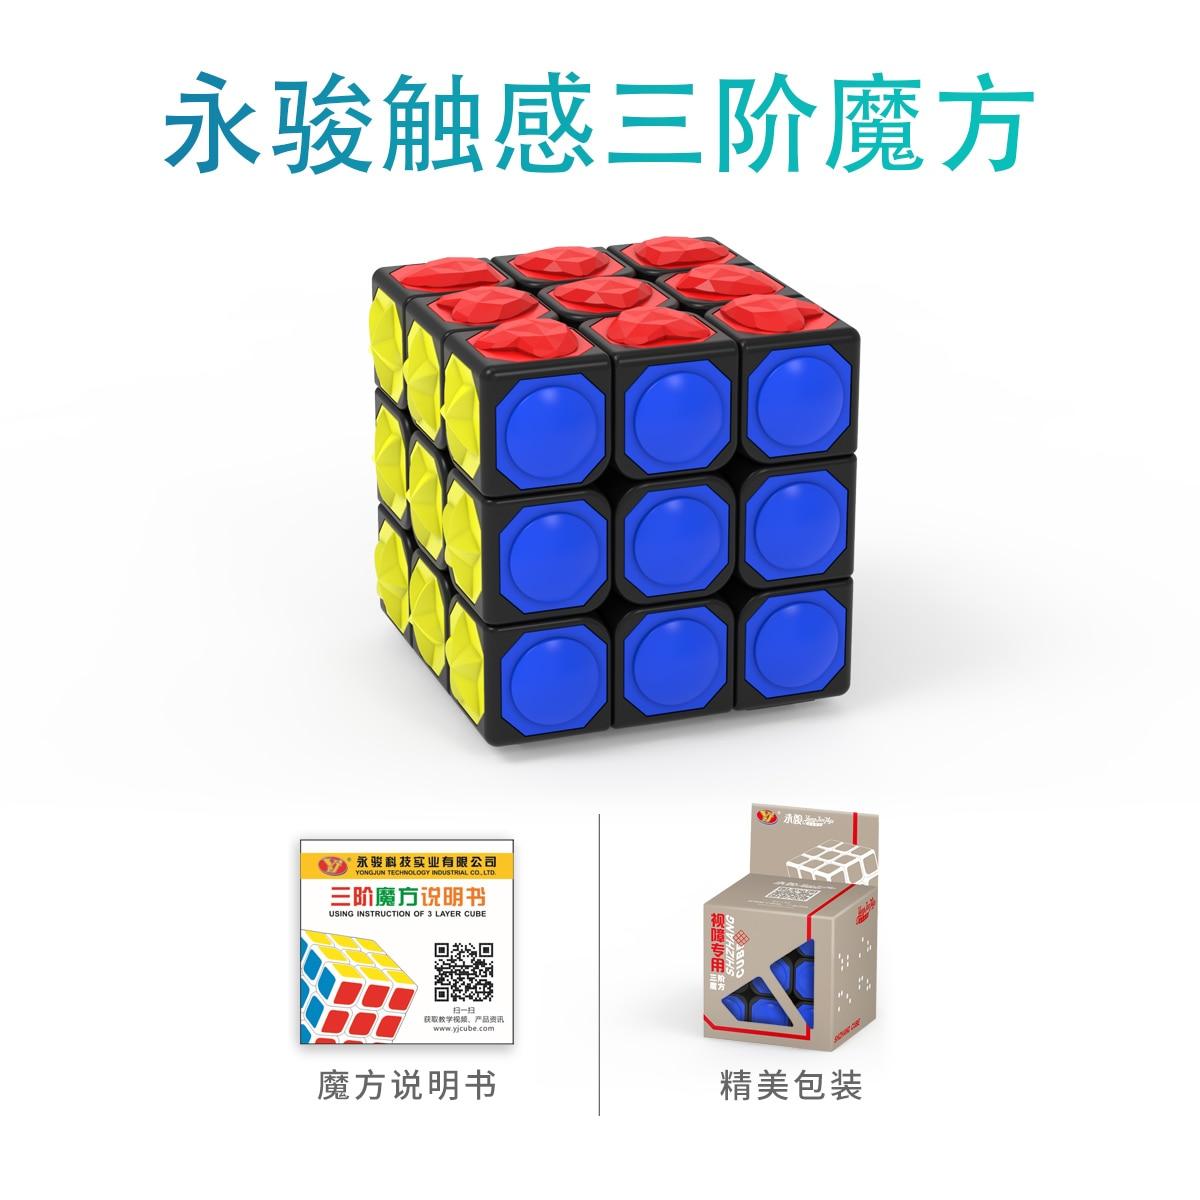 Yongjun-cubo mágico yj, quebra-cabeça com 3x3x3, sensível ao toque, para pessoas cegas